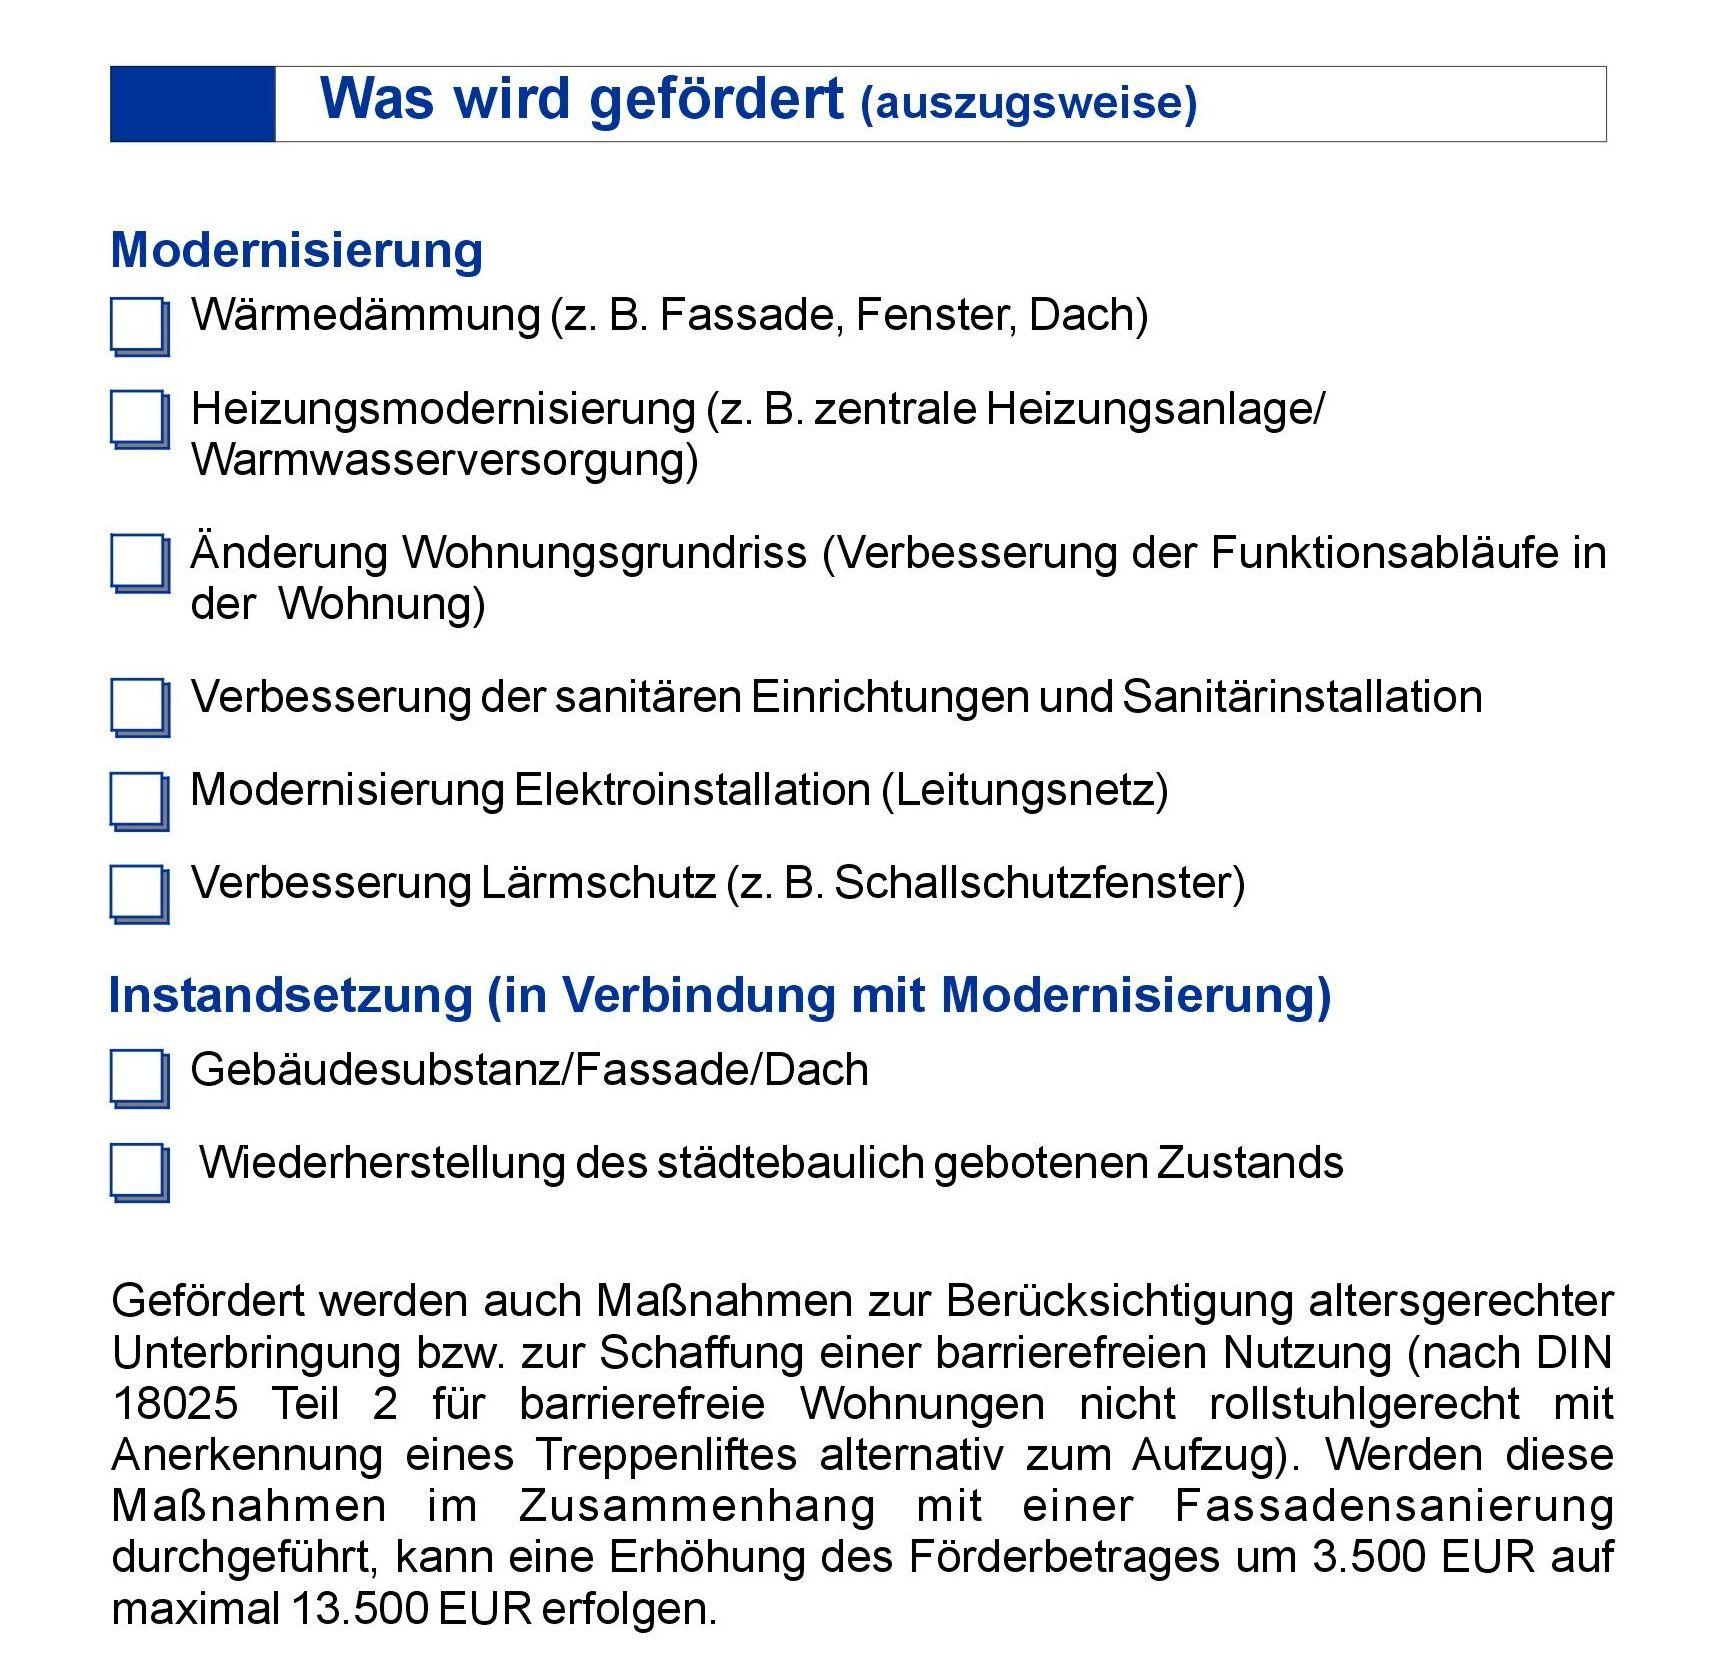 LSP_Foerderung_was